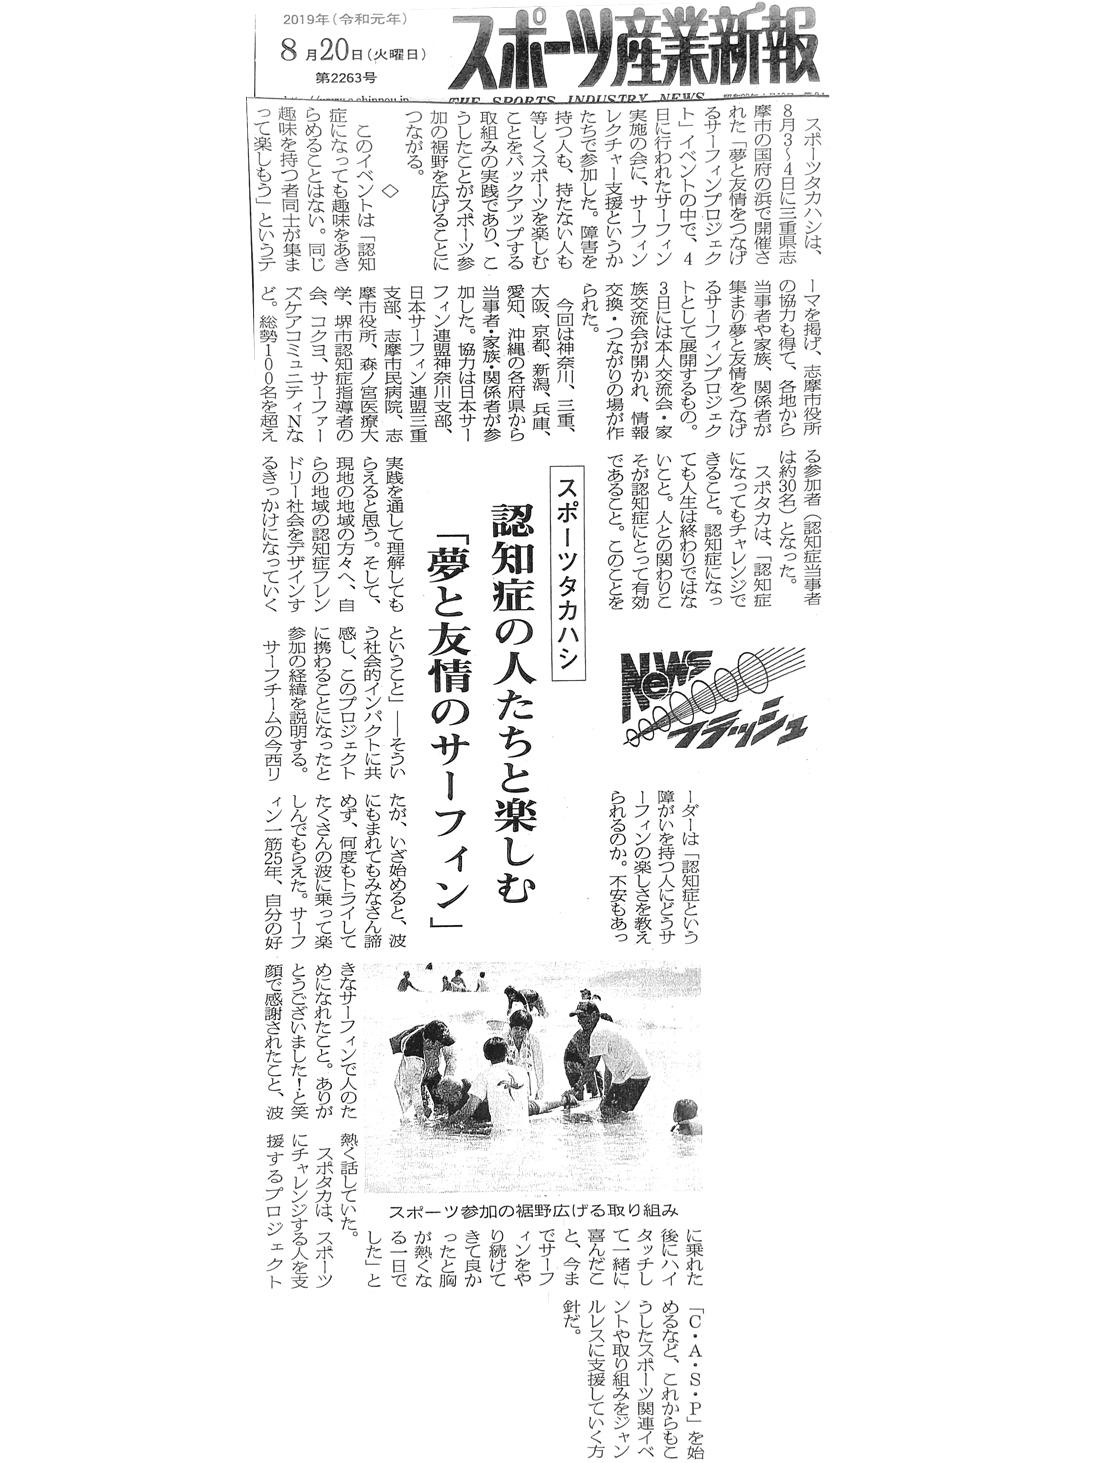 スポーツ産業新報2019